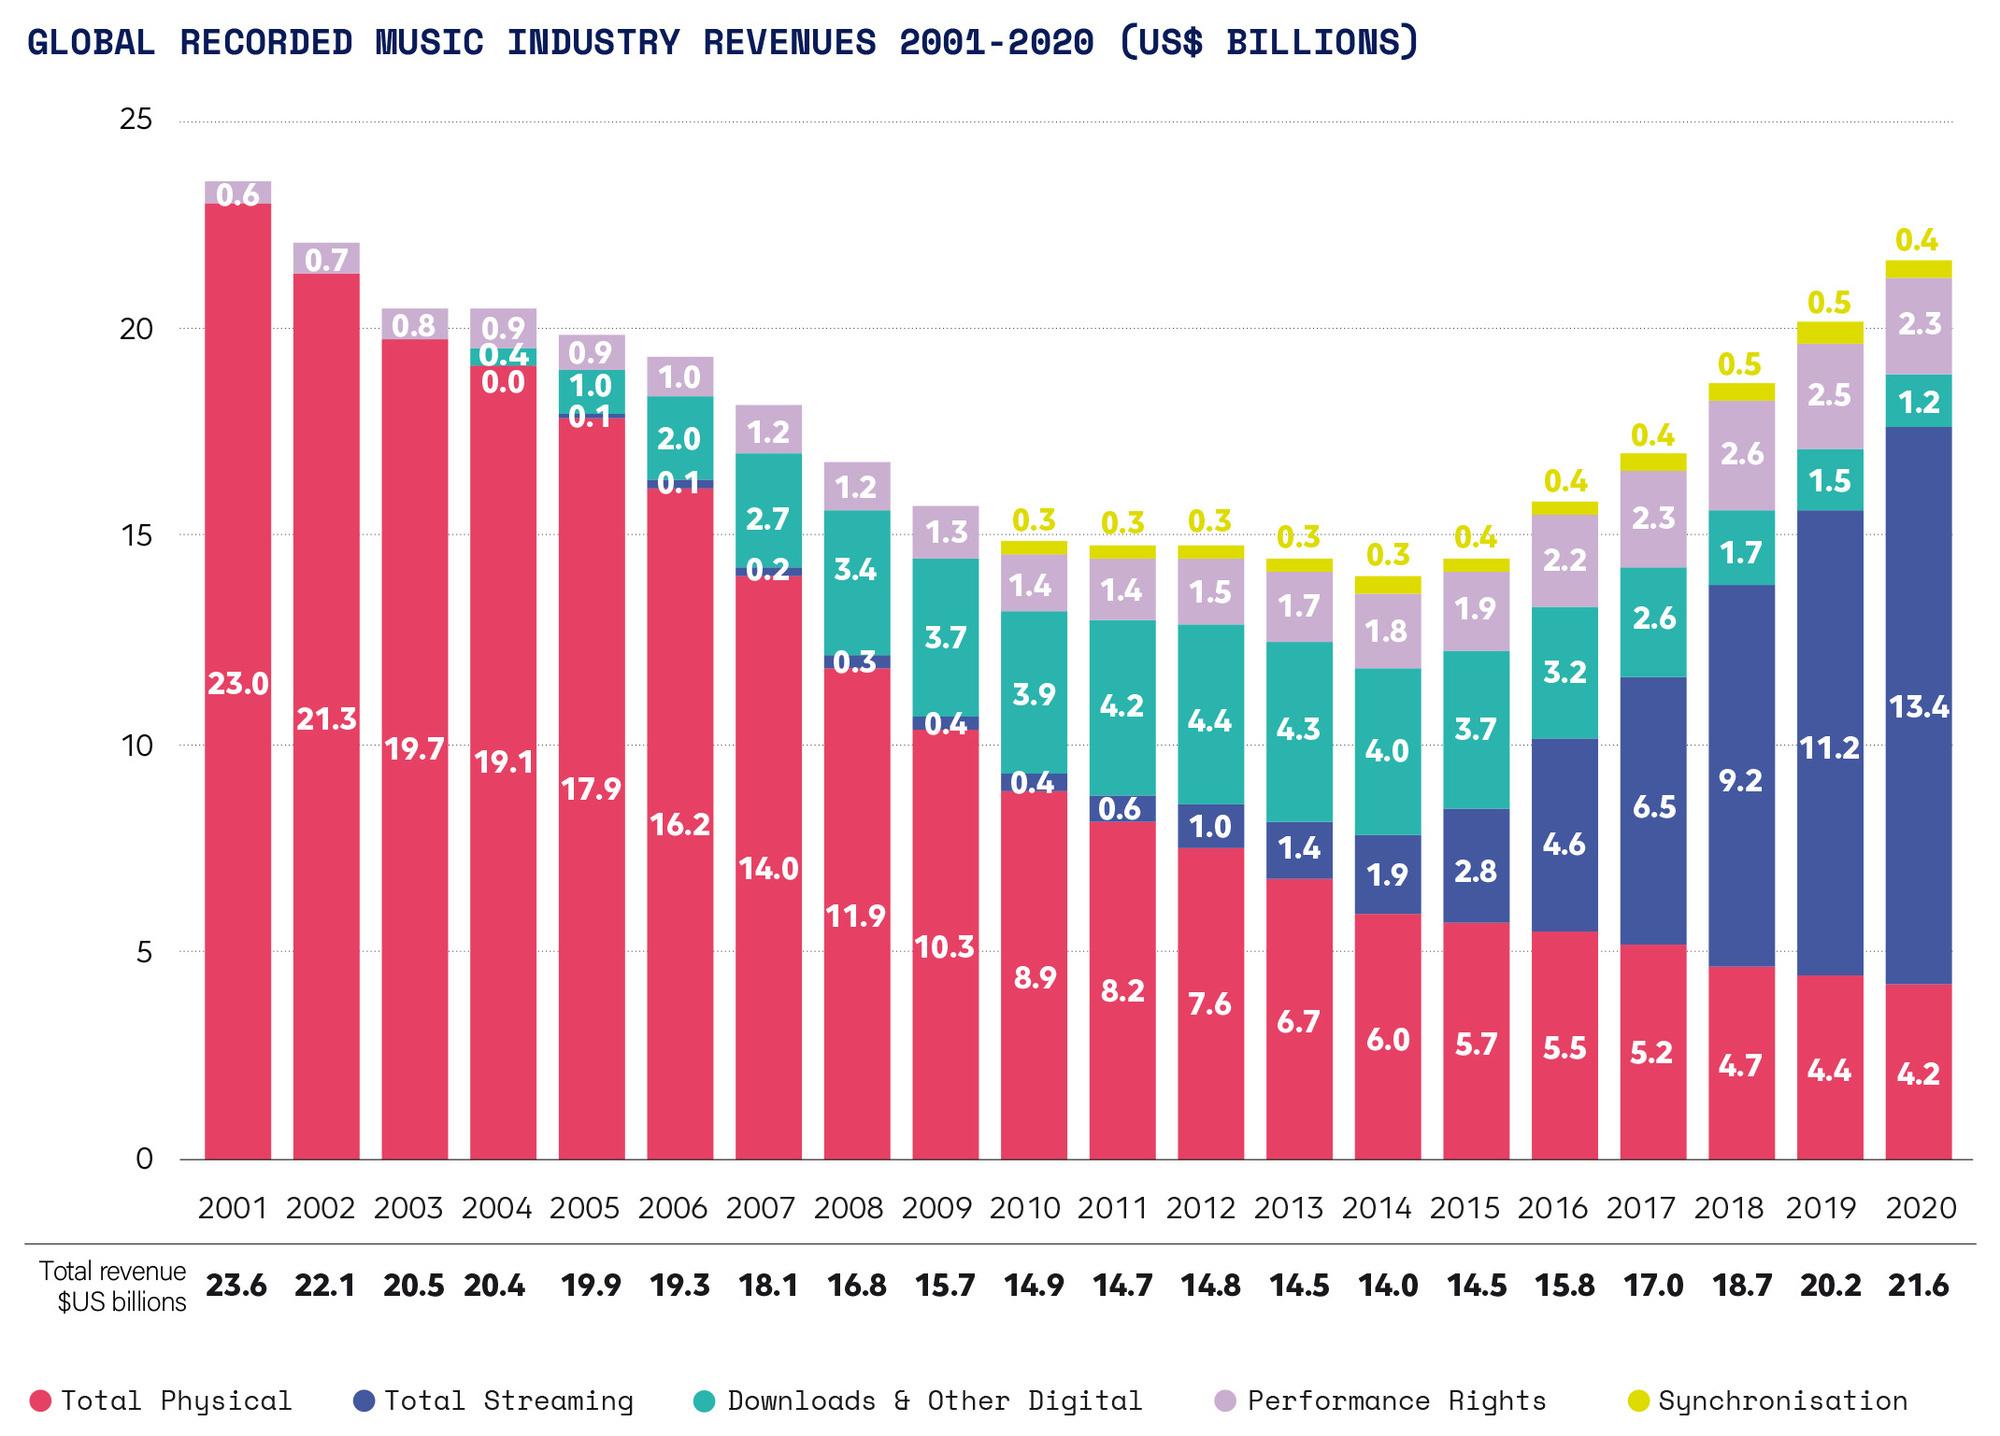 Revenus globaux de la musique enregistrée de 2001 à 2020, en milliards de dollars., IFPI